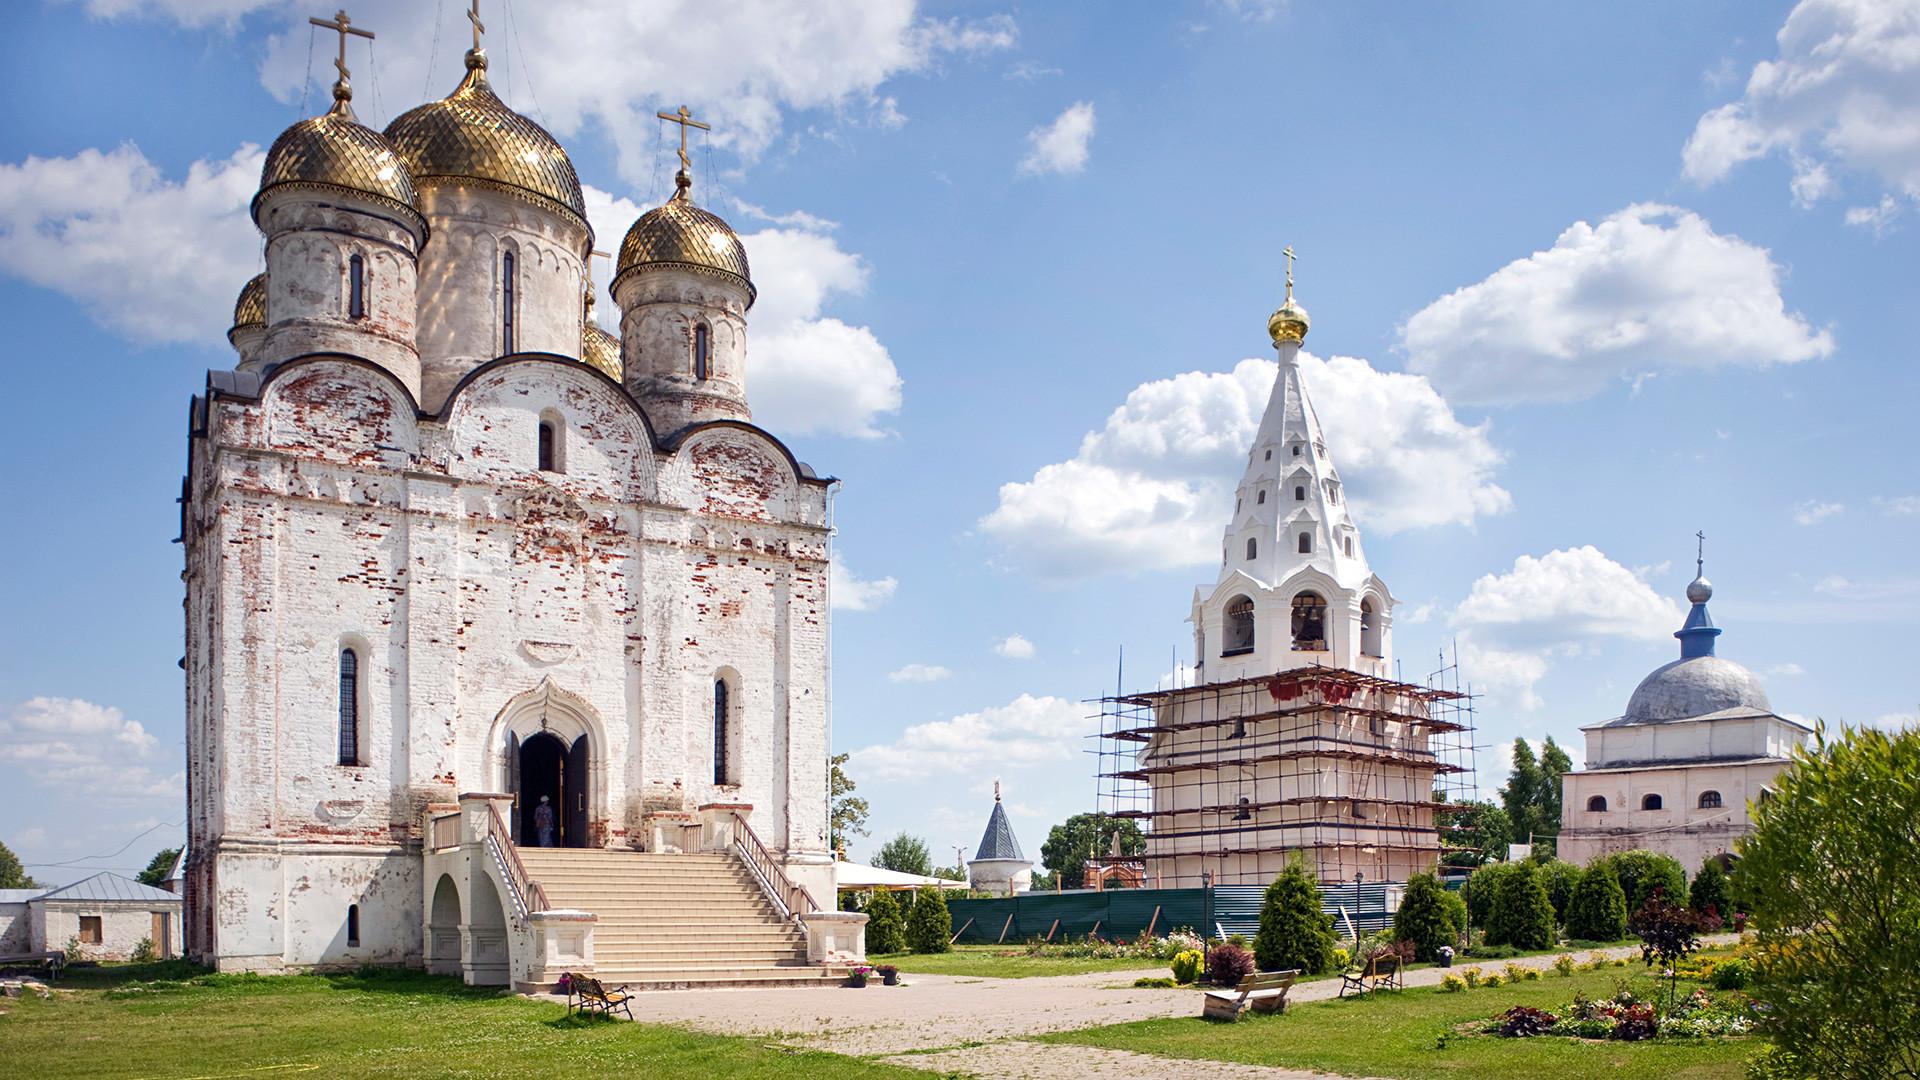 Mozhajsk. Monastero Luzhetskij della Natività della Vergine di San Teraponte, vista nord-ovest. Da sinistra: Cattedrale della Natività, campanile, Chiesa della Trasfigurazione sulle Porte Sacre. Fotografia: 5 luglio 2015